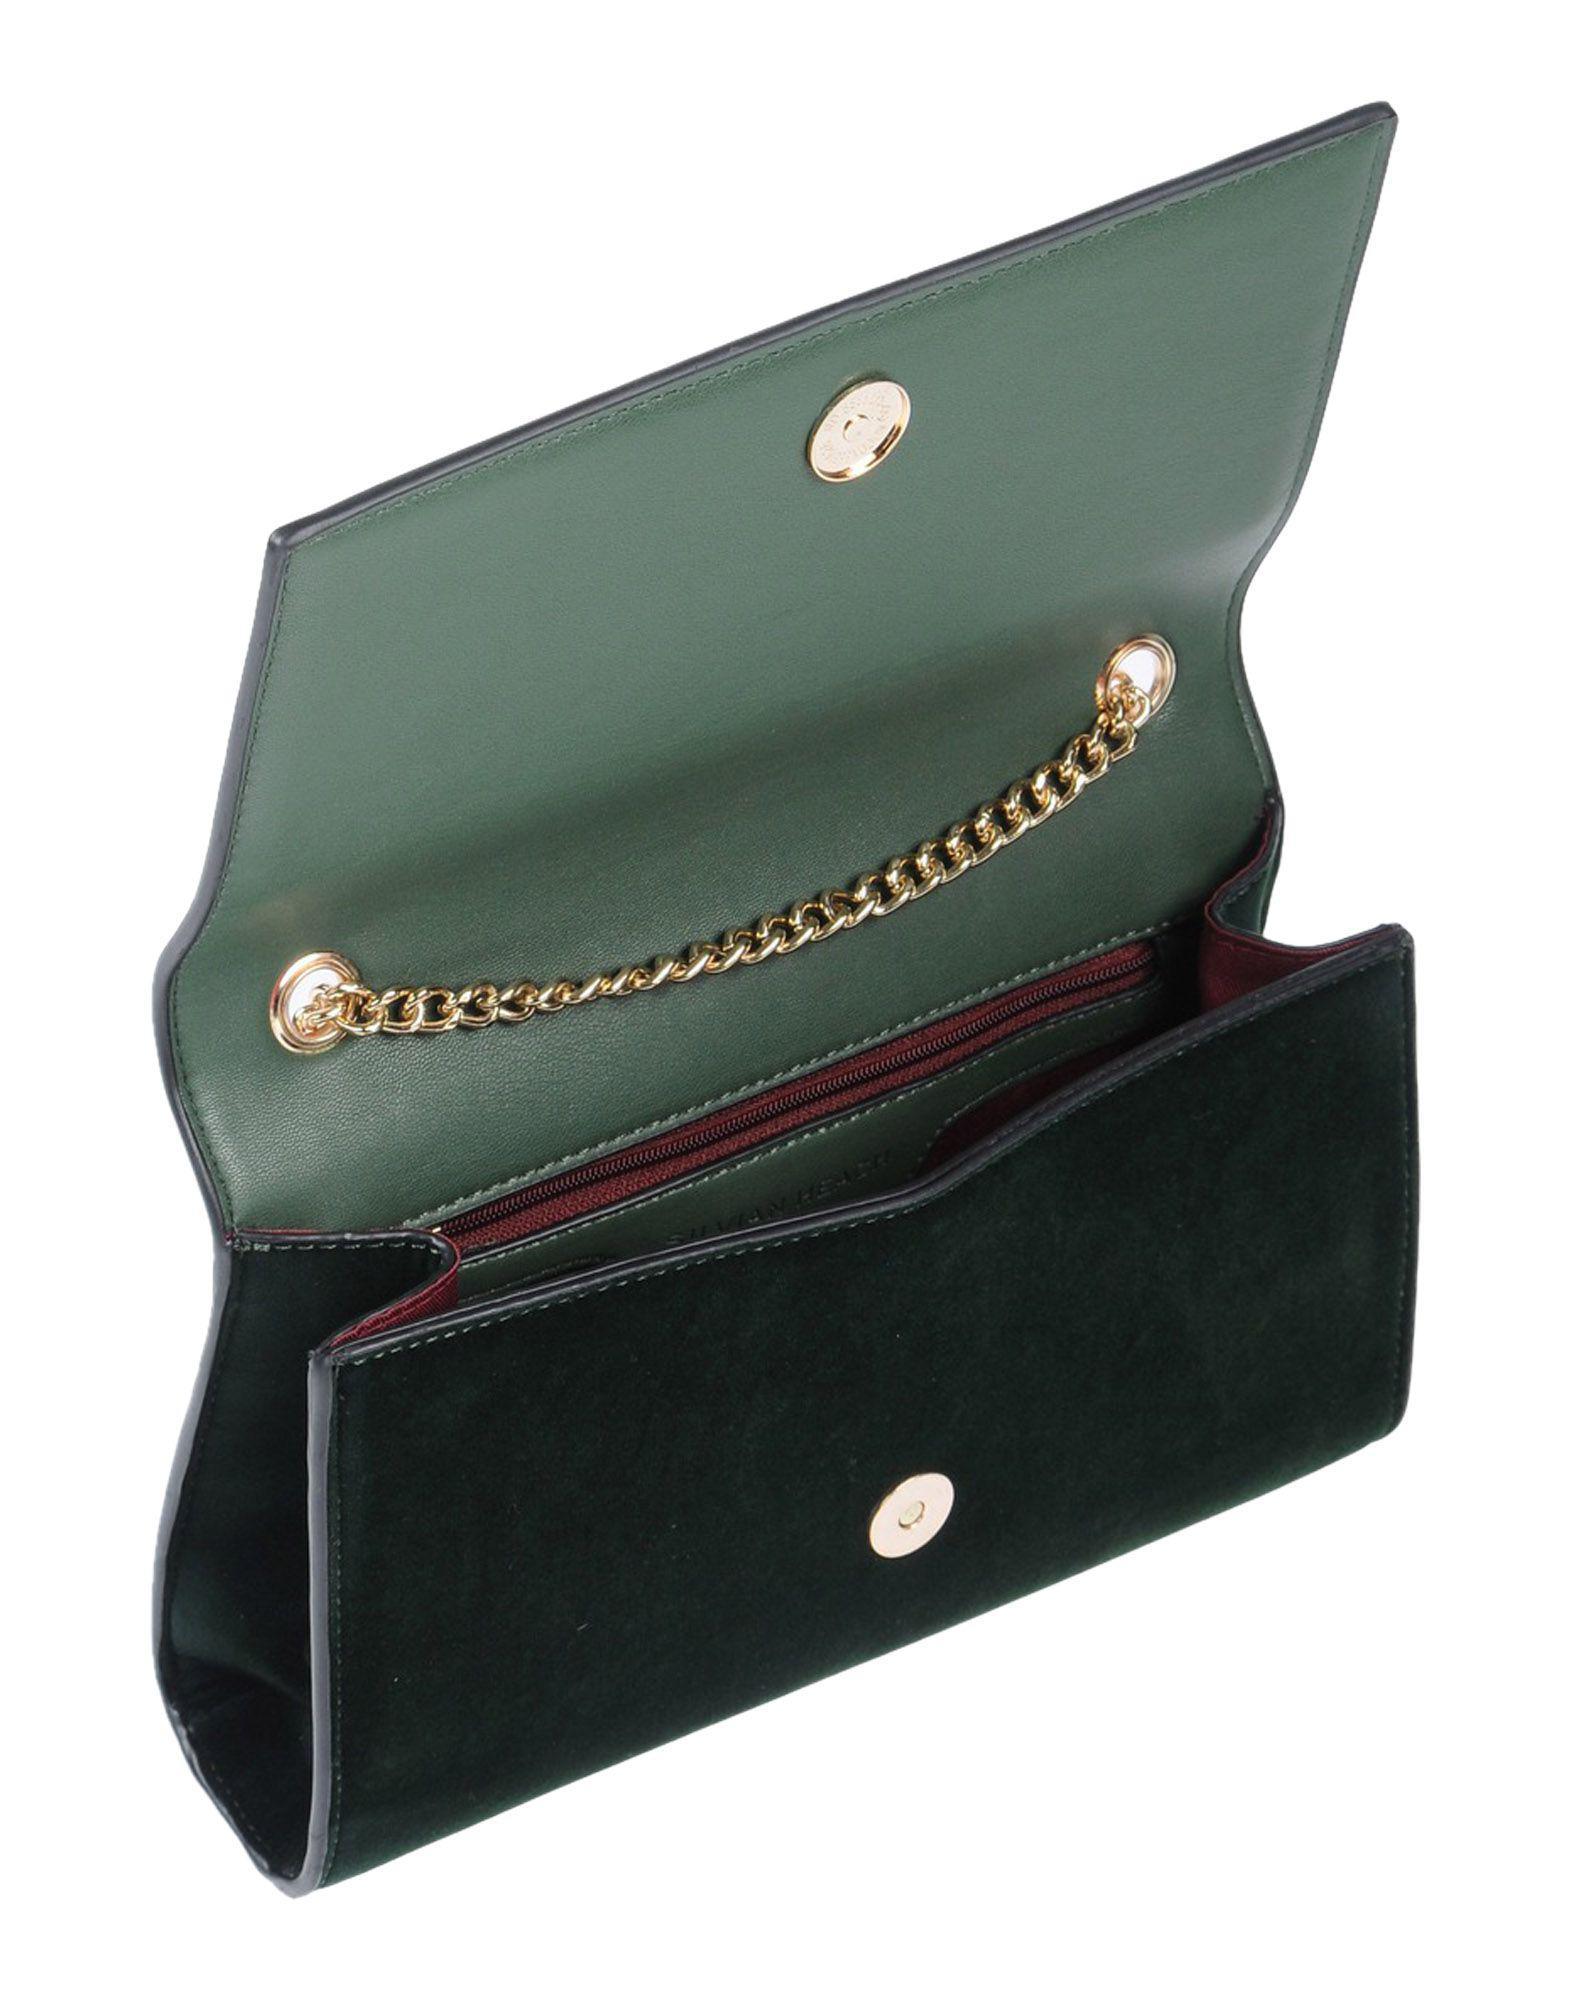 Silvian Heach Velvet Cross-body Bag in Dark Green (Green)